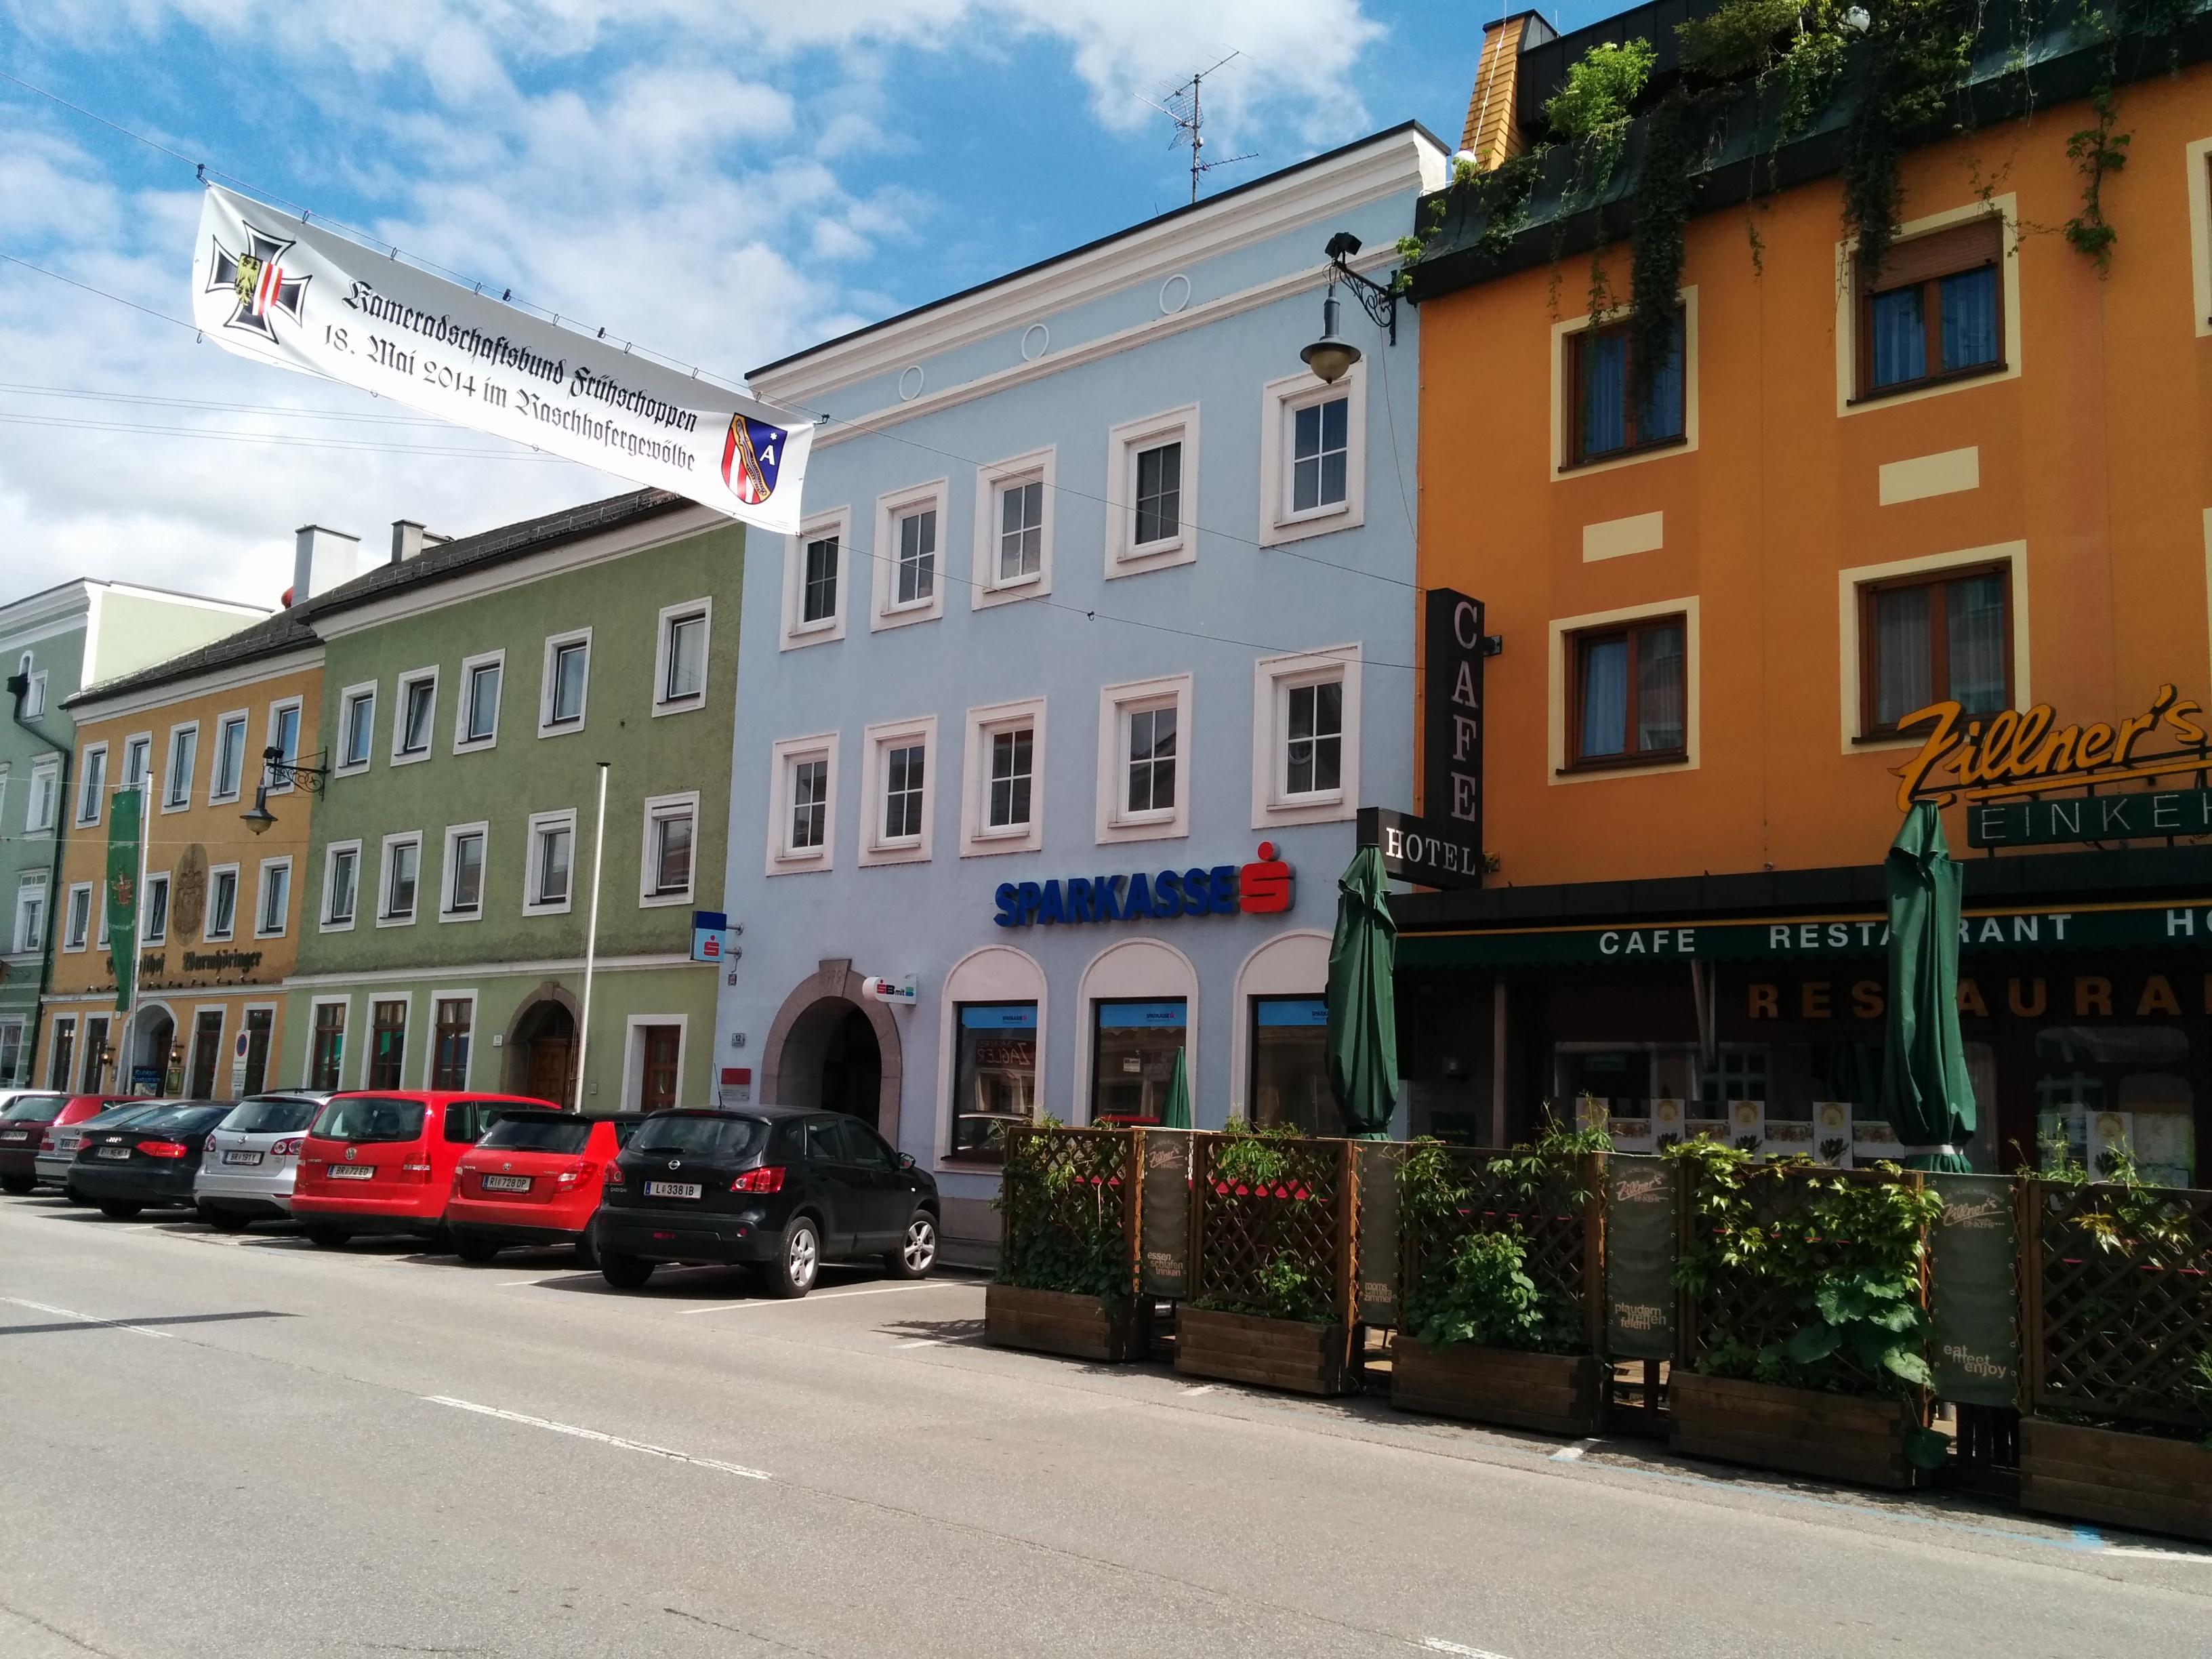 Allgemeine Sparkasse Oberösterreich BankAG Gest. Altheim